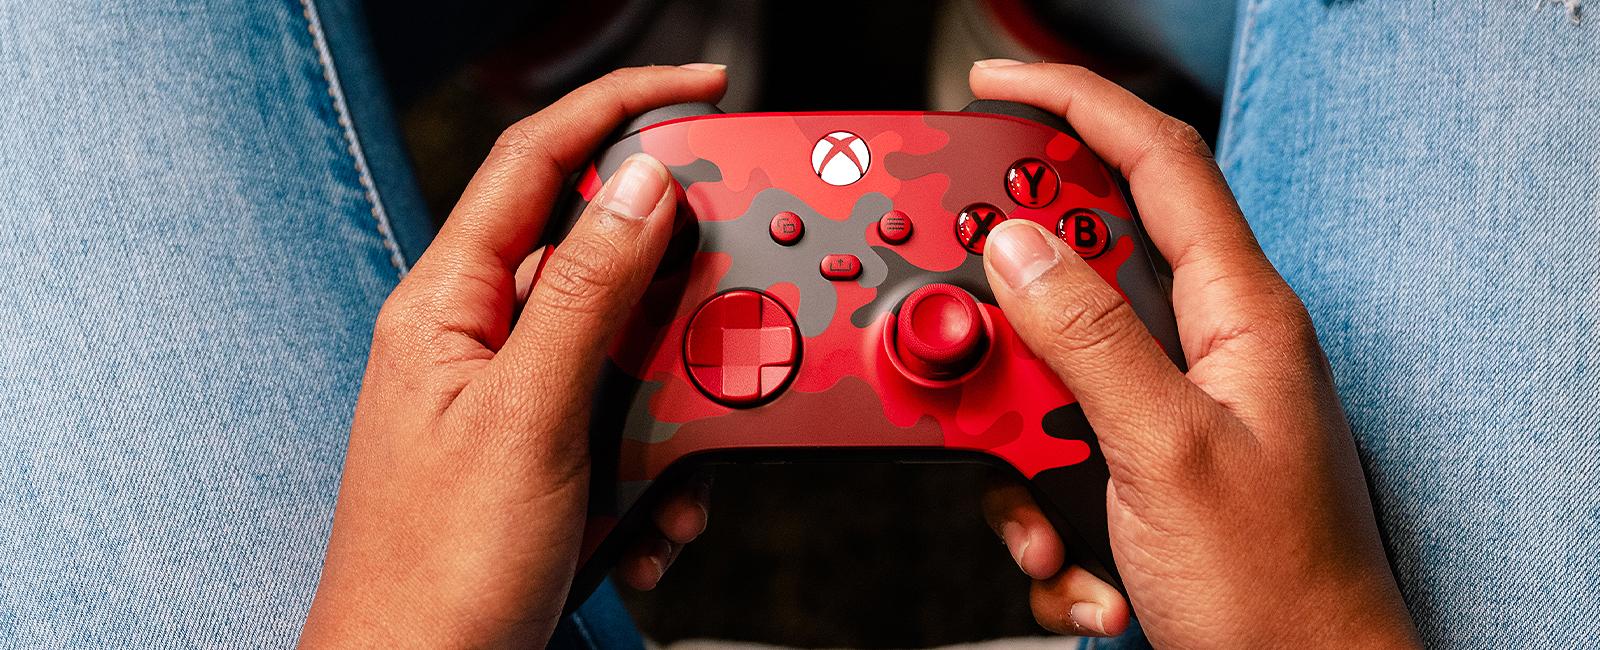 一位用户正在使用破晓行动特别款Xbox无线控制器